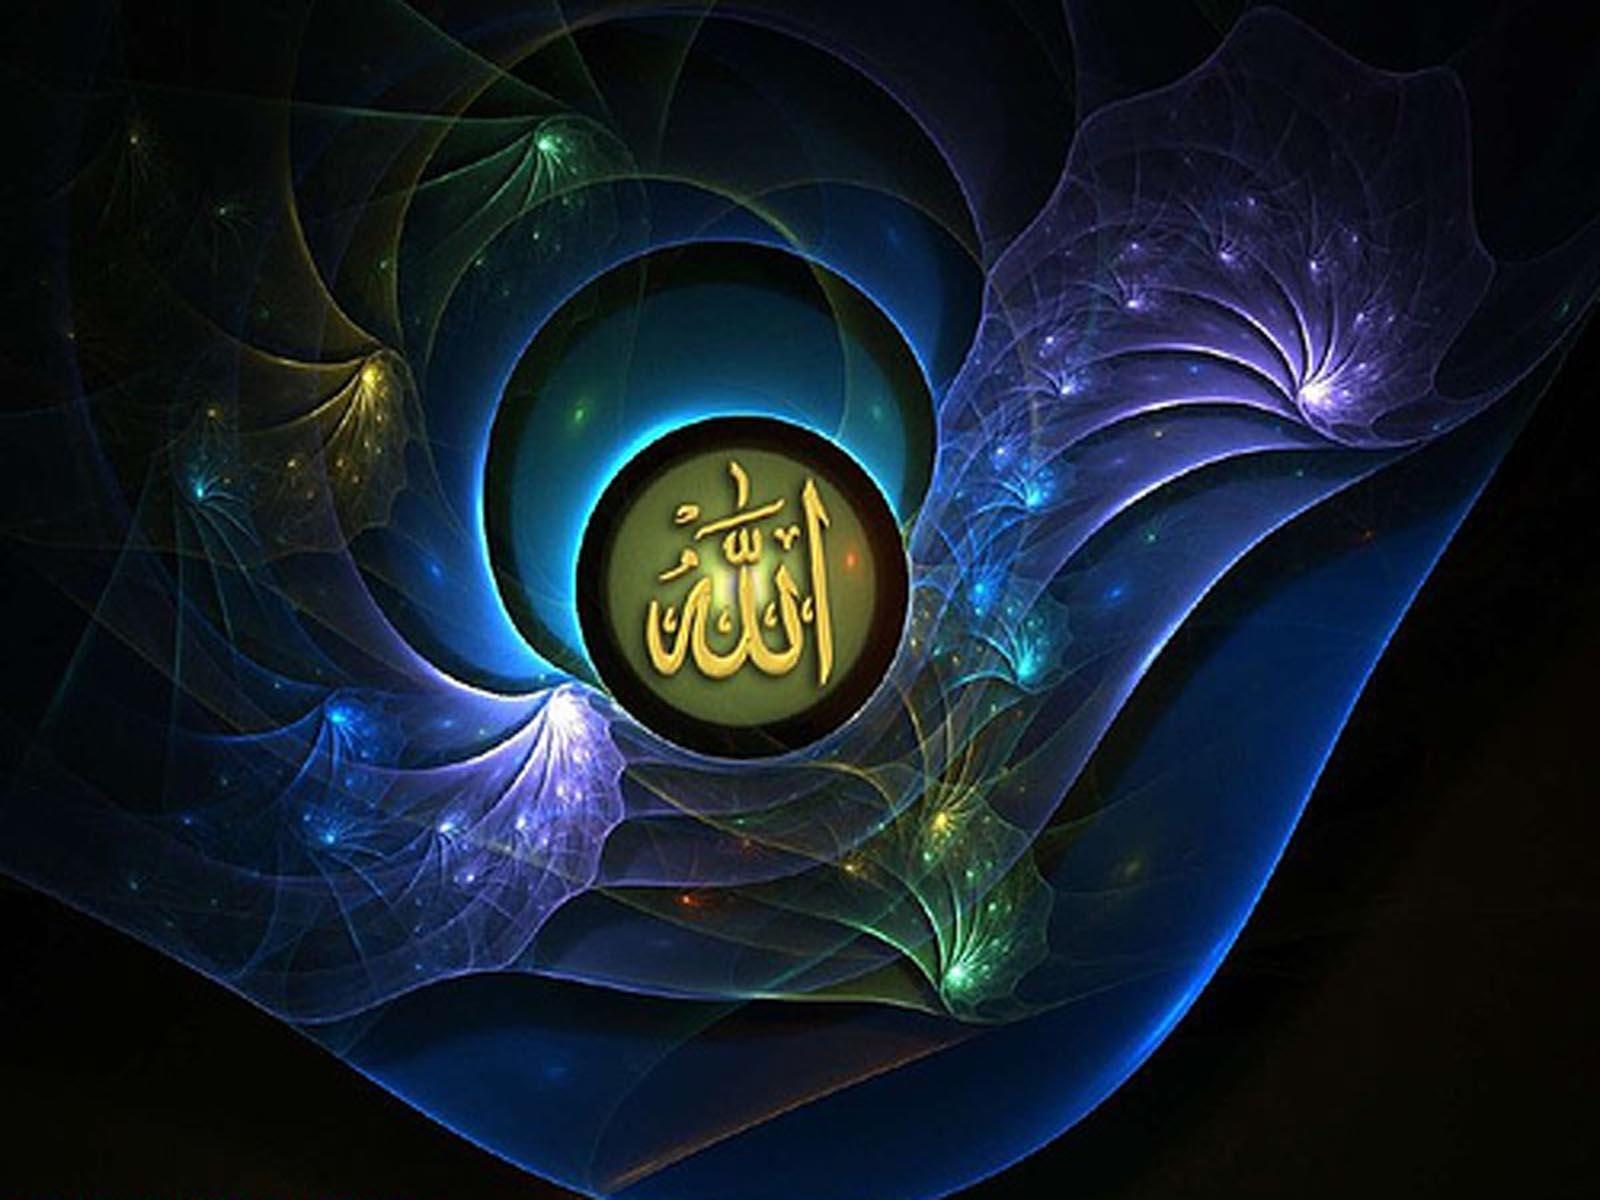 Allah Wallpaper 1602 1202 Allah Pic Wallpapers 53 Wallpapers Adorable Wallpapers Islamic Wallpaper Name Wallpaper Islamic Wallpaper Hd